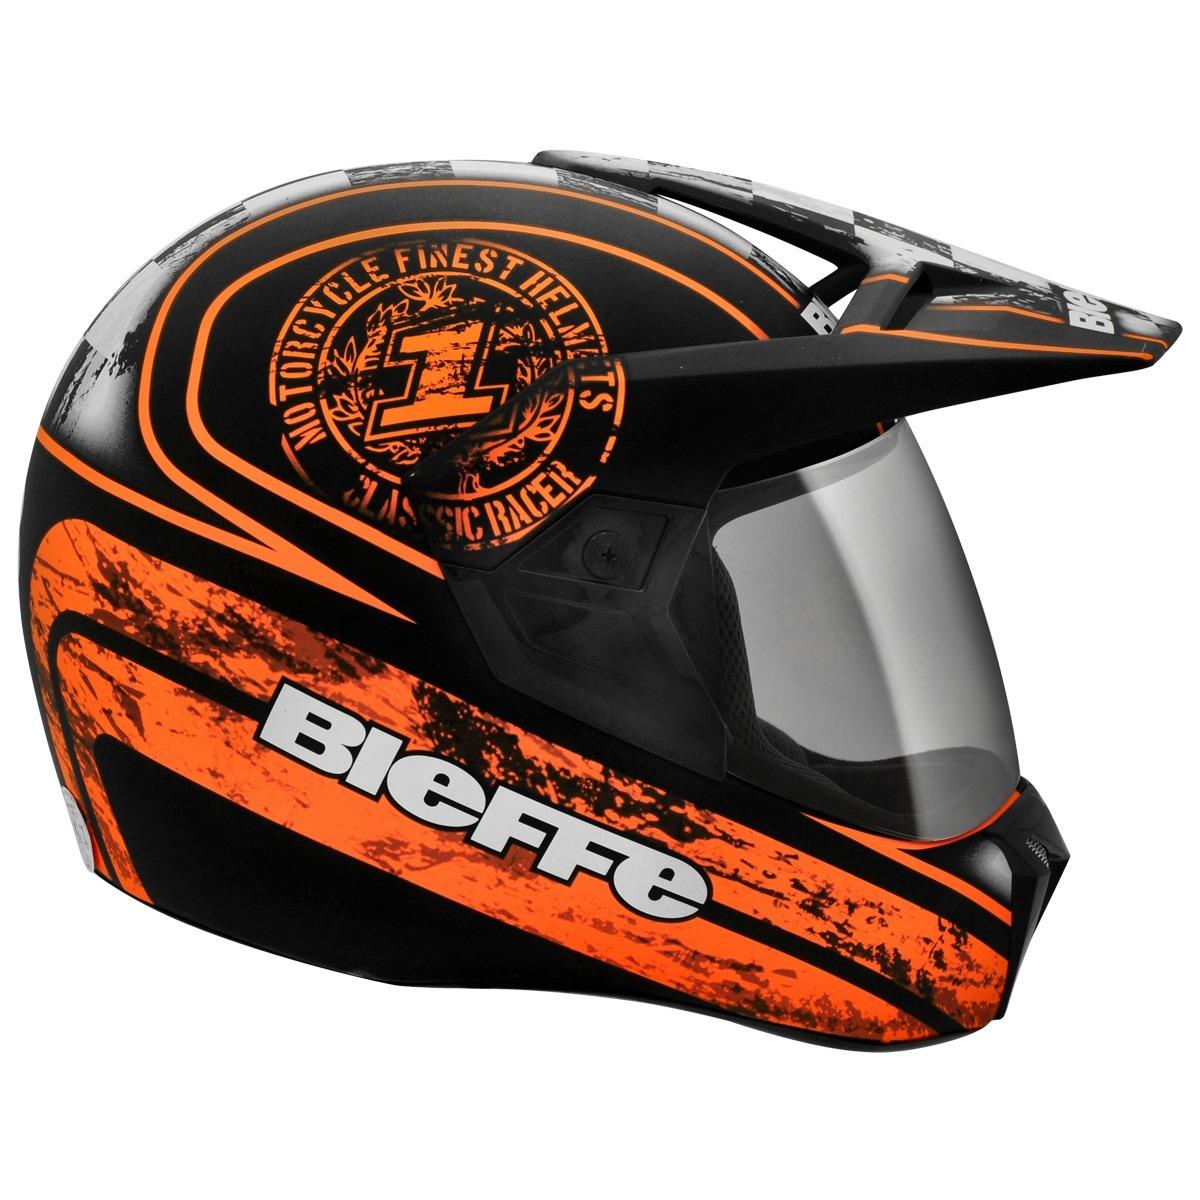 Capacete Bieffe 3 Sport Uno - R  433,51 em Mercado Livre 4325681b89